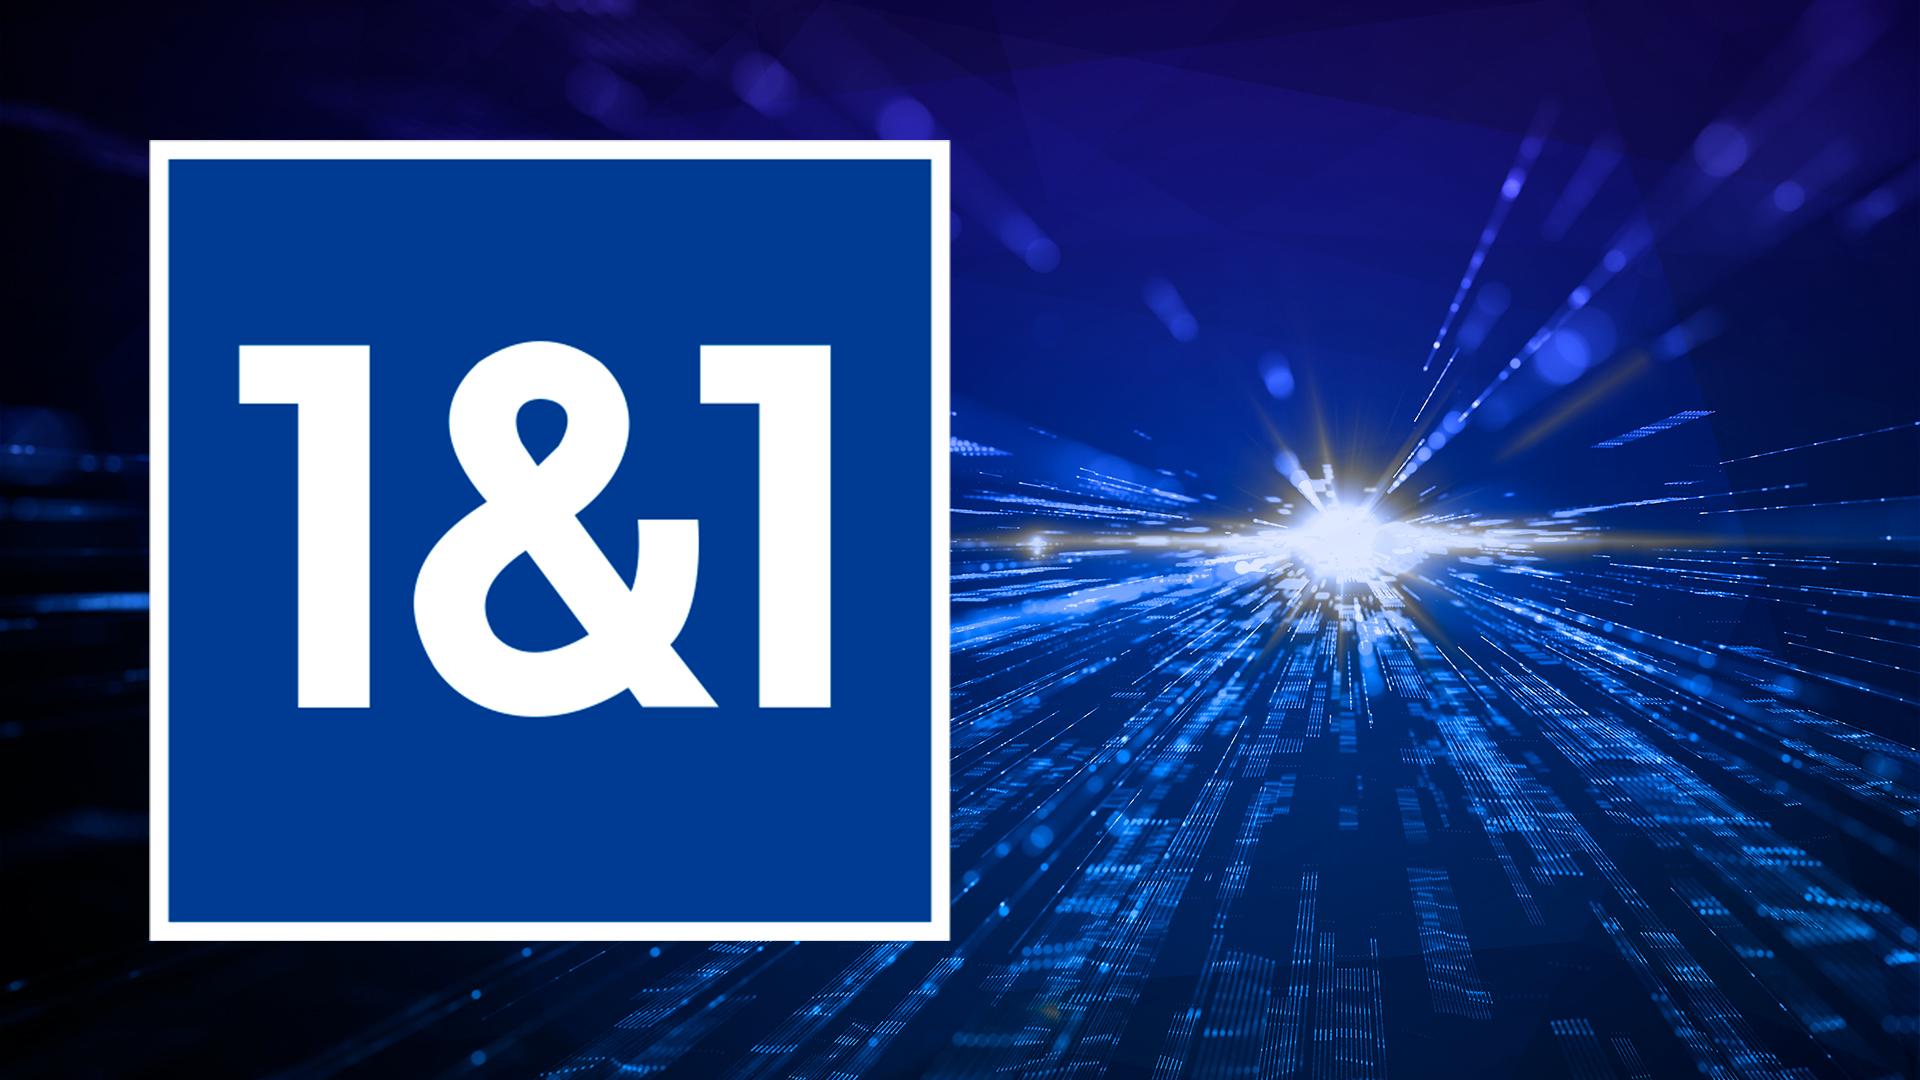 Logo, 1&1, 1und1, Eins und Eins